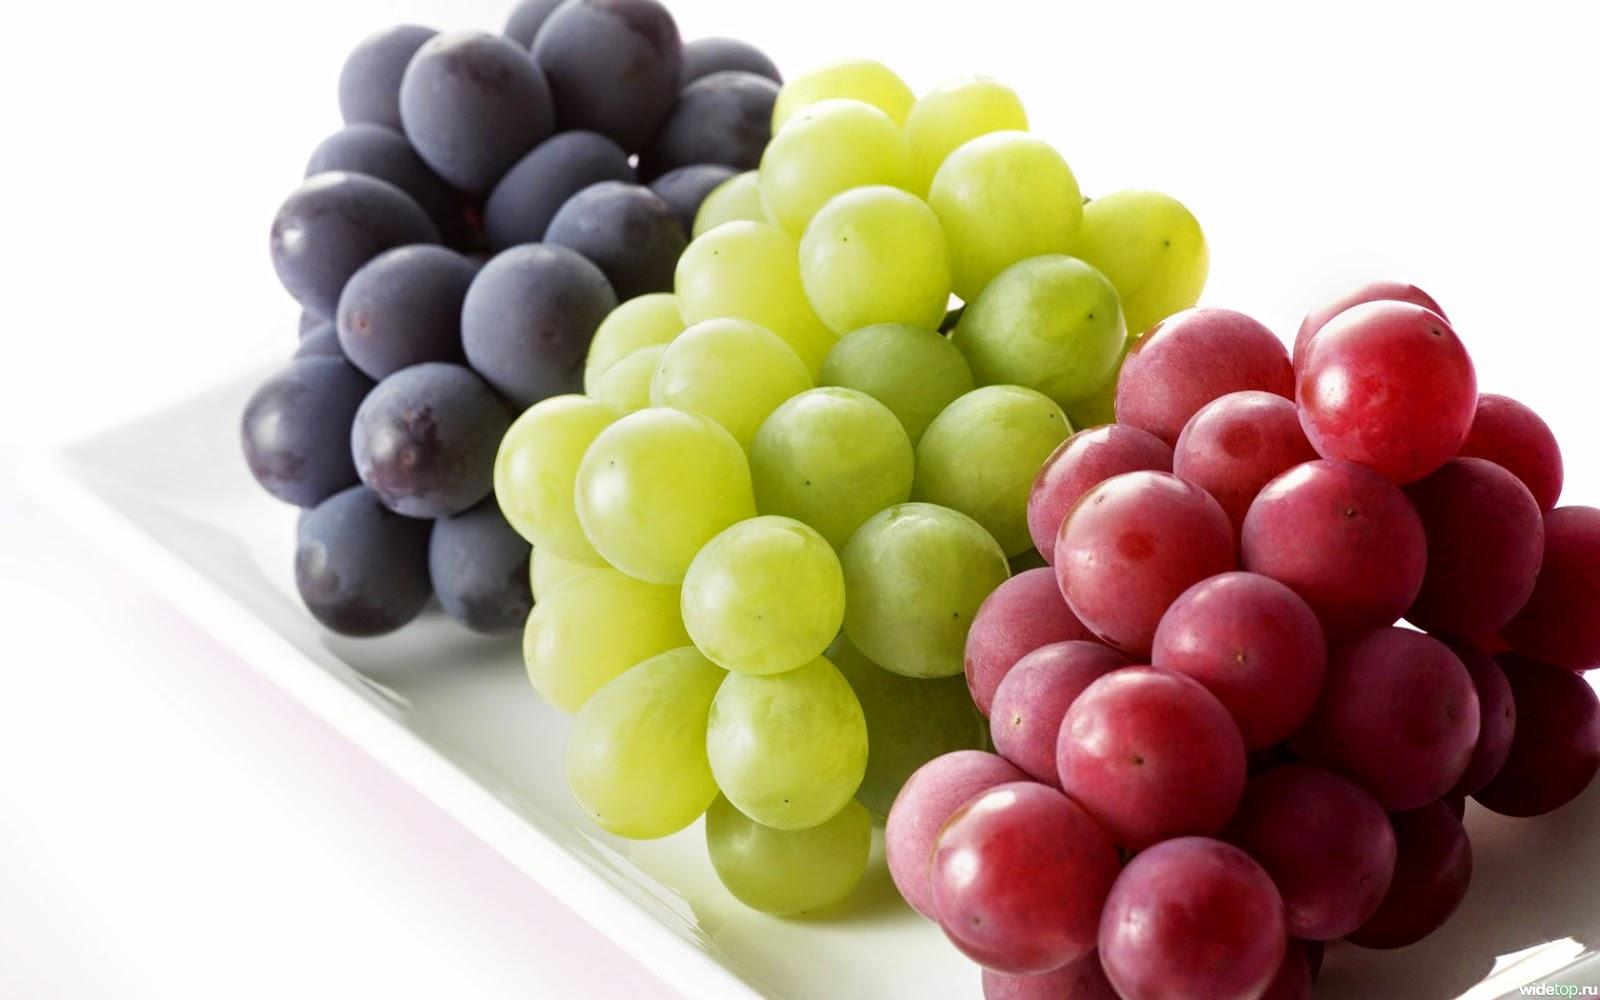 Kandungan Dan Manfaaat Buah Anggur